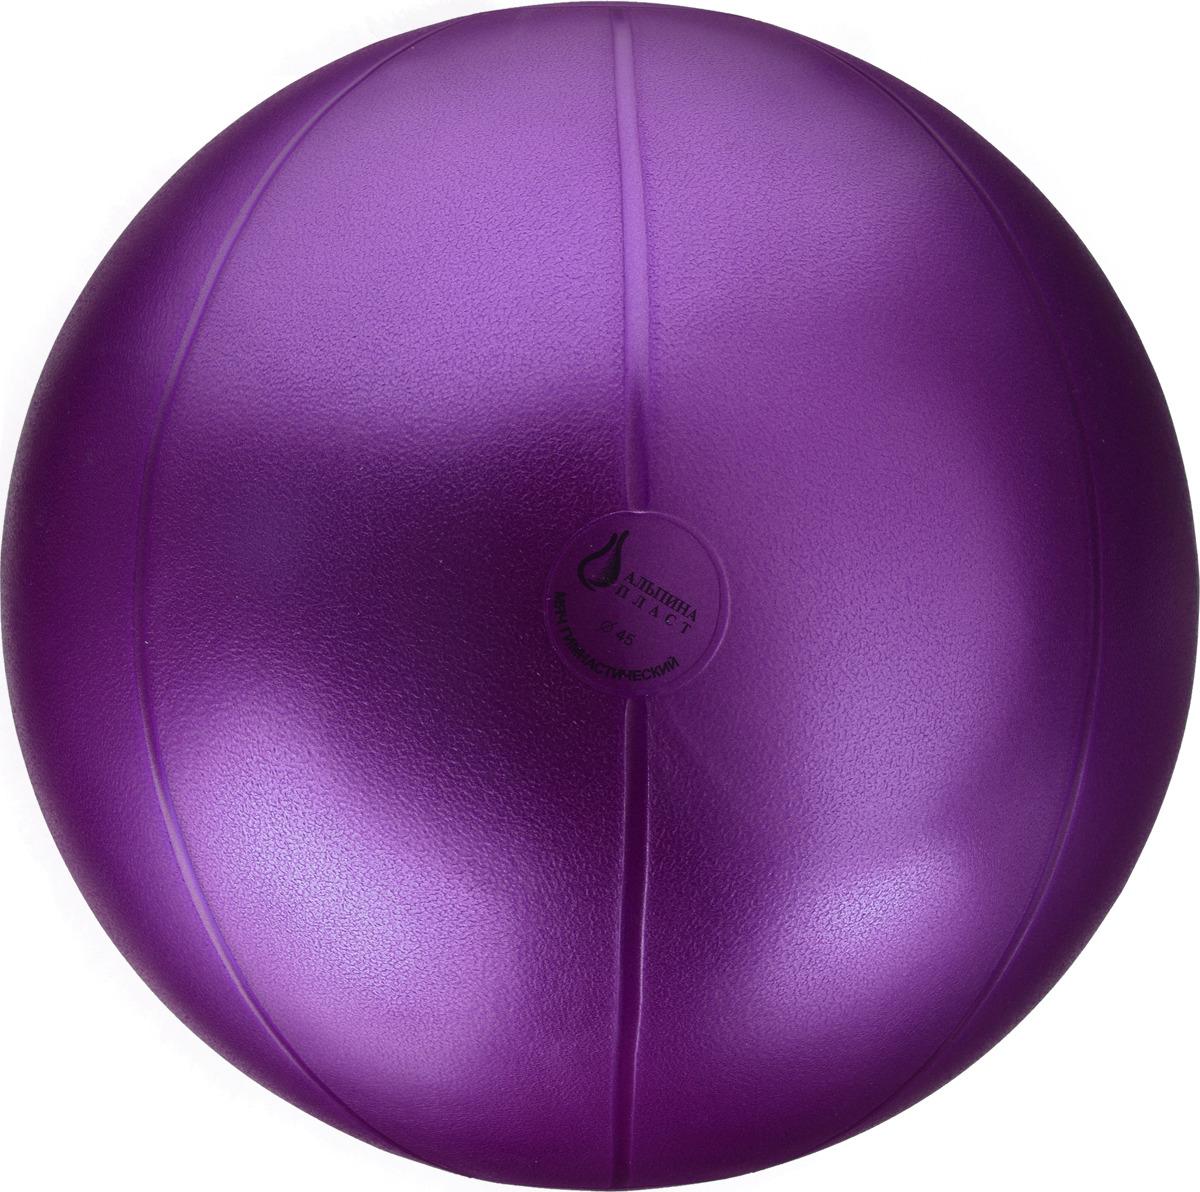 Мяч гимнстический Альпина Пласт Фитбол Премиум, 4010751192, фианит, диаметр 75 см альпина пласт аспиратор с твердым наконечником б1 1